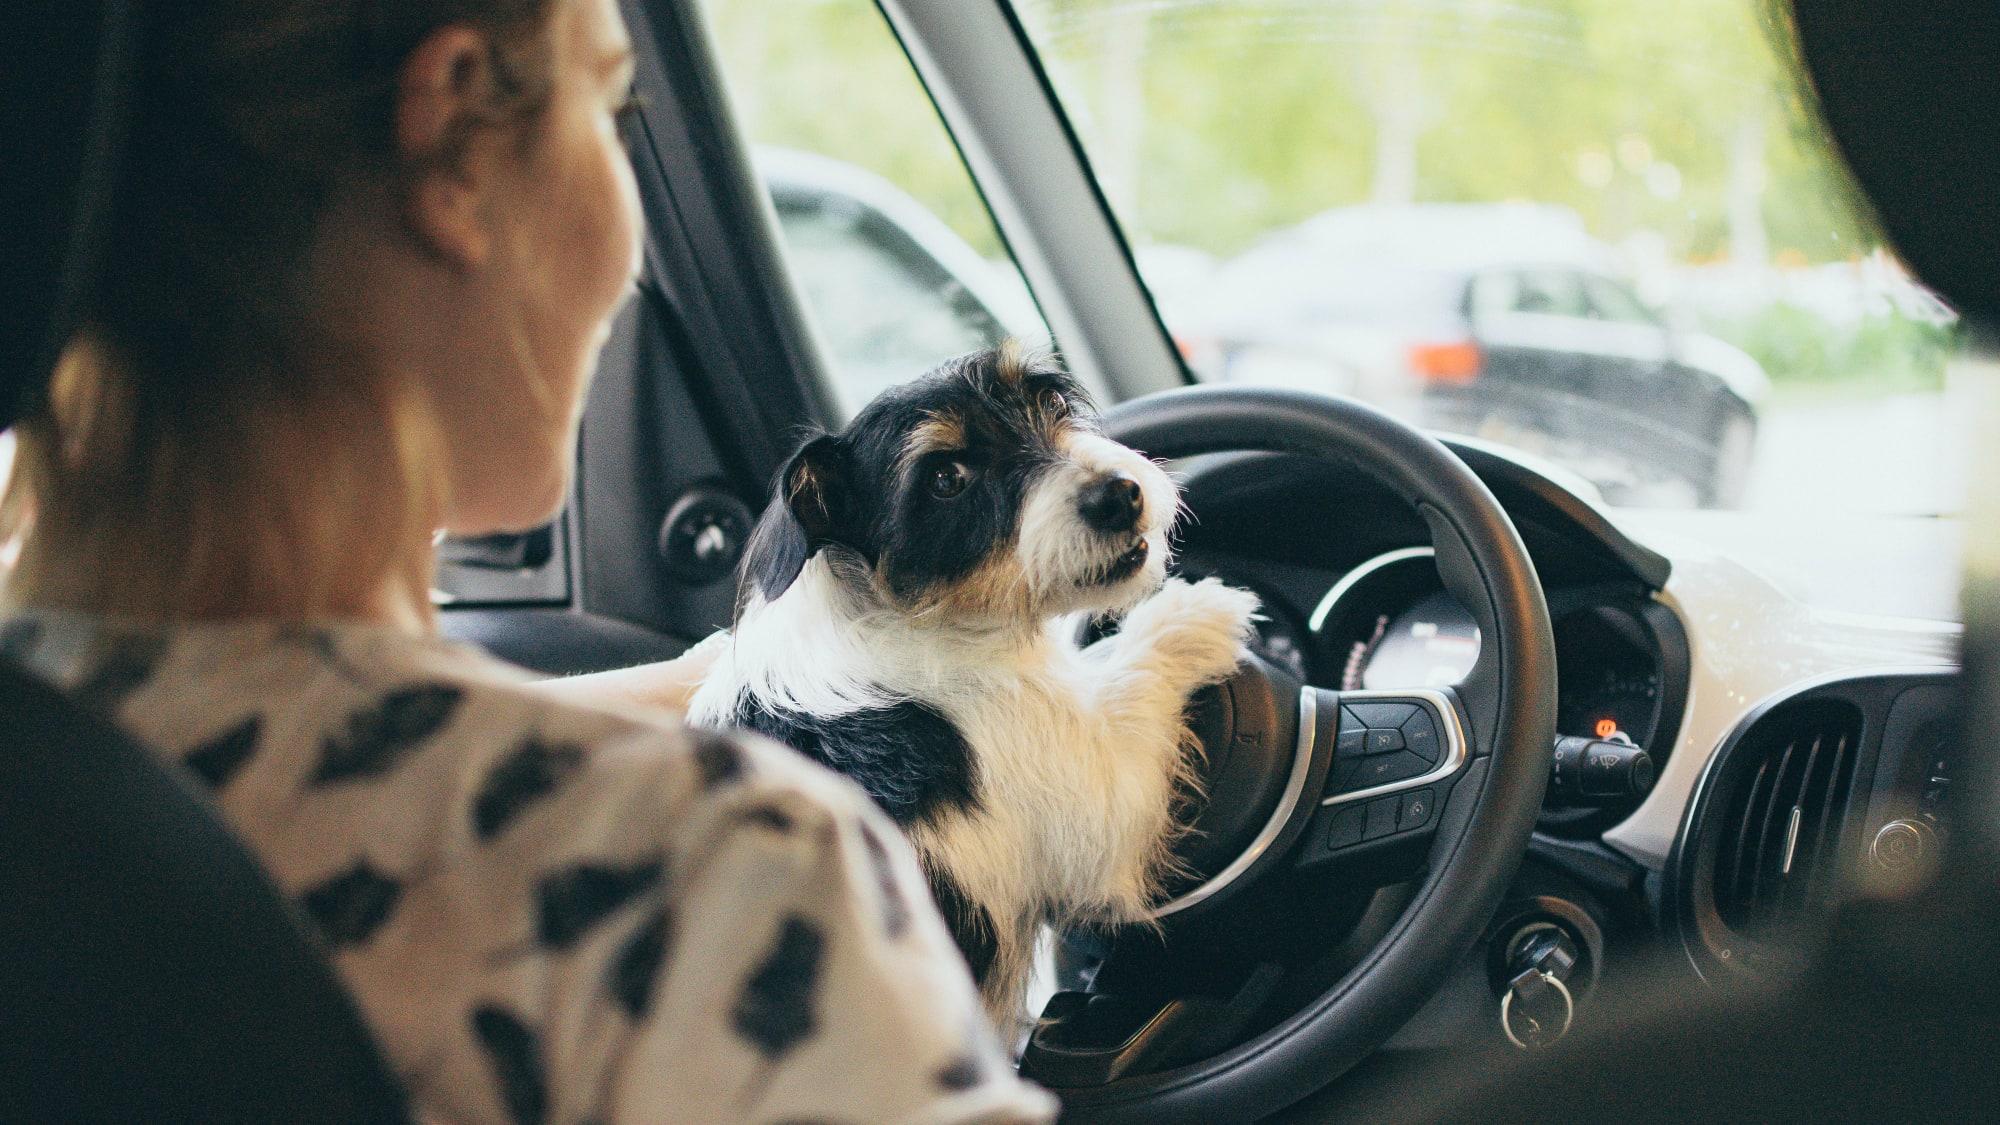 Frau fährt mit Hund am Schoß Auto